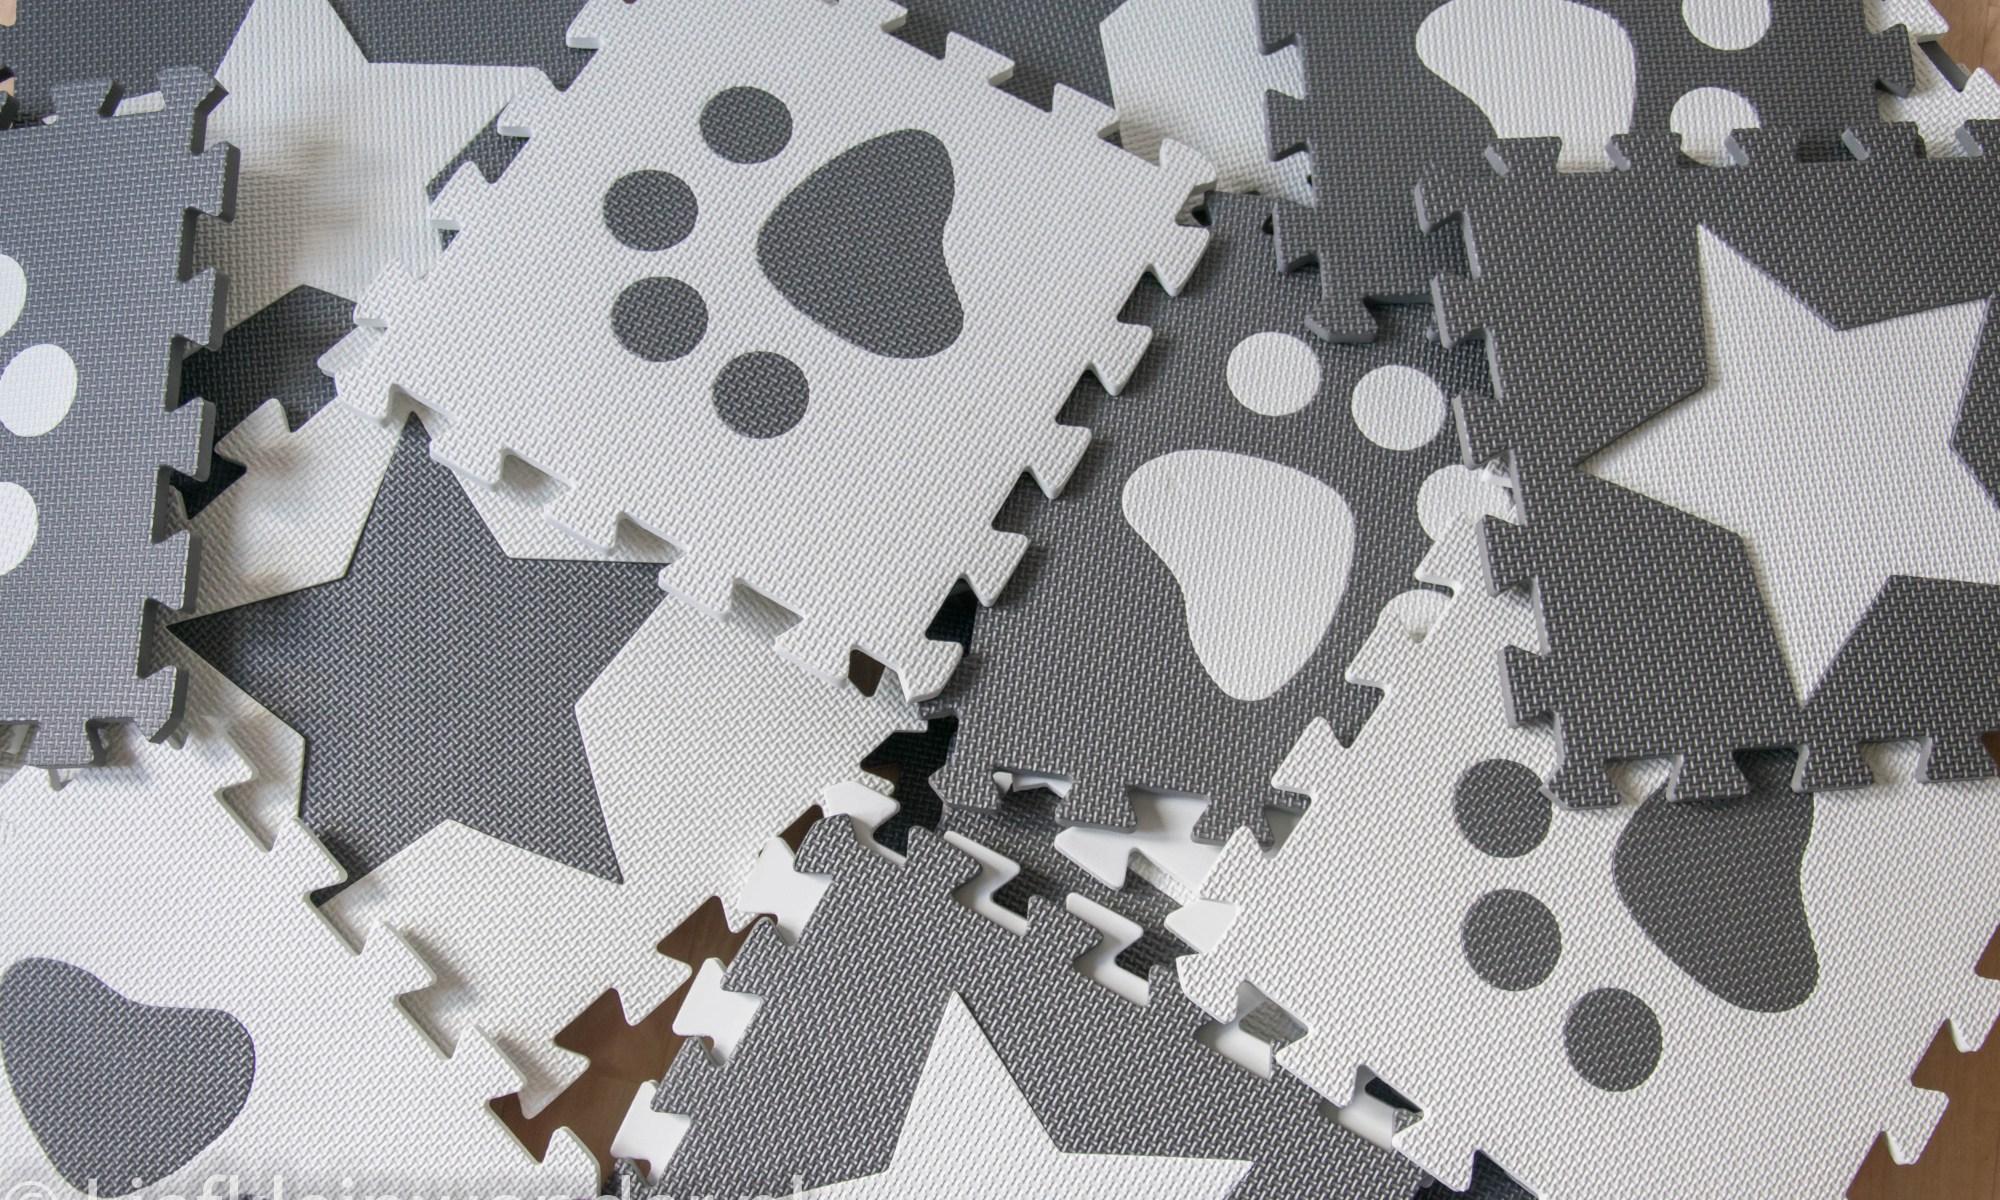 Foam vloerpuzzel grijs wit sterren pootjes